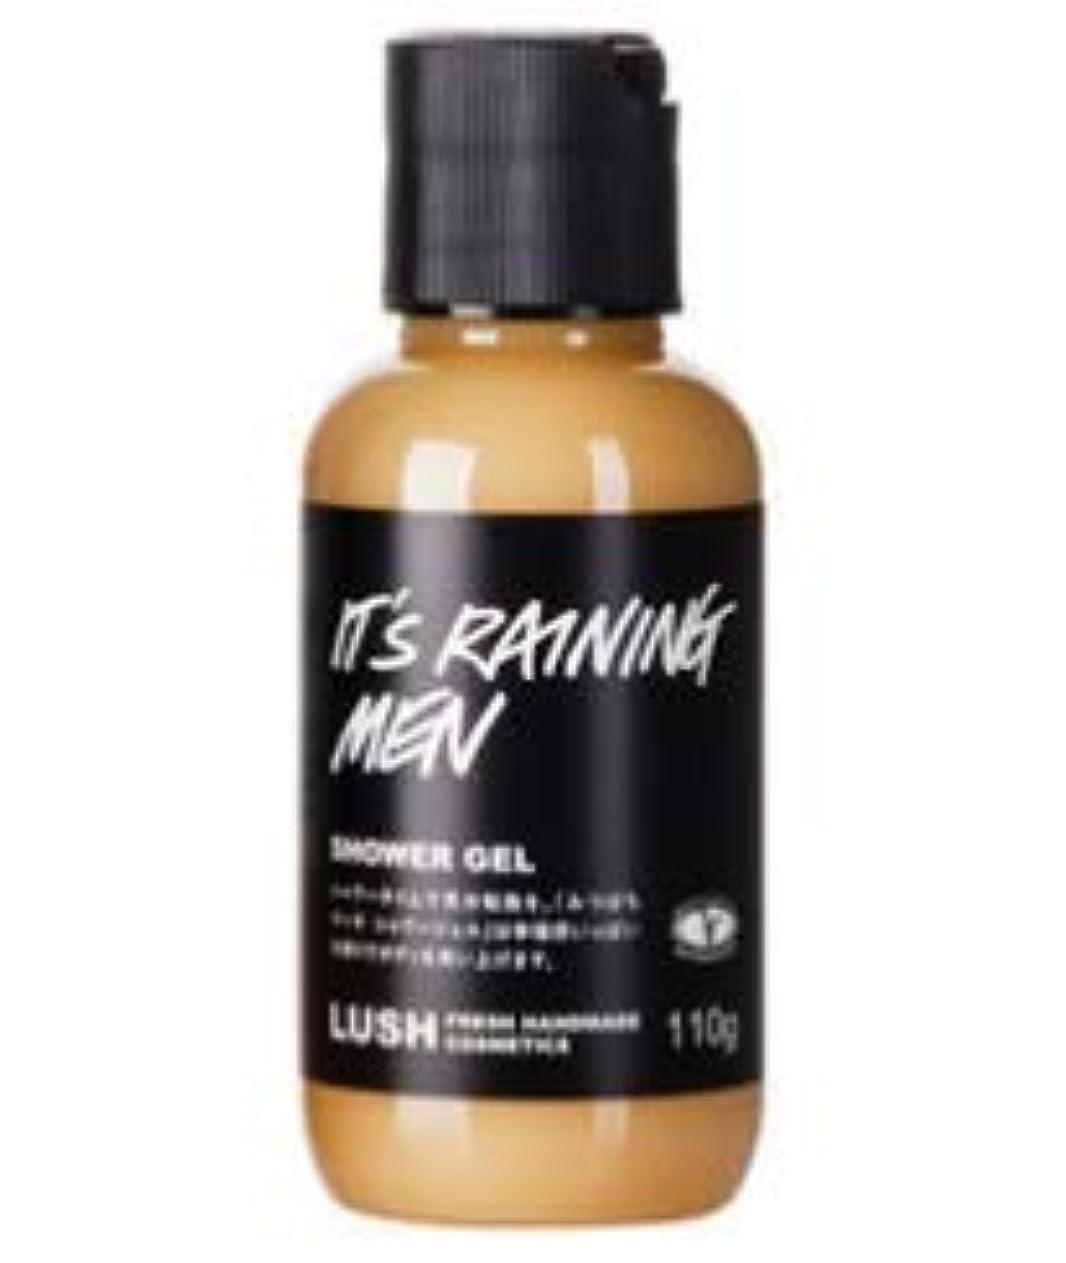 コンテストトランク瞳LUSH ラッシュ みつばちマーチ シャワージェル It's Raining Men 甘い香り 浴用化粧品 ボディソープ 自然派化粧品 天然成分 ベルガモット ハチミツ (110g)